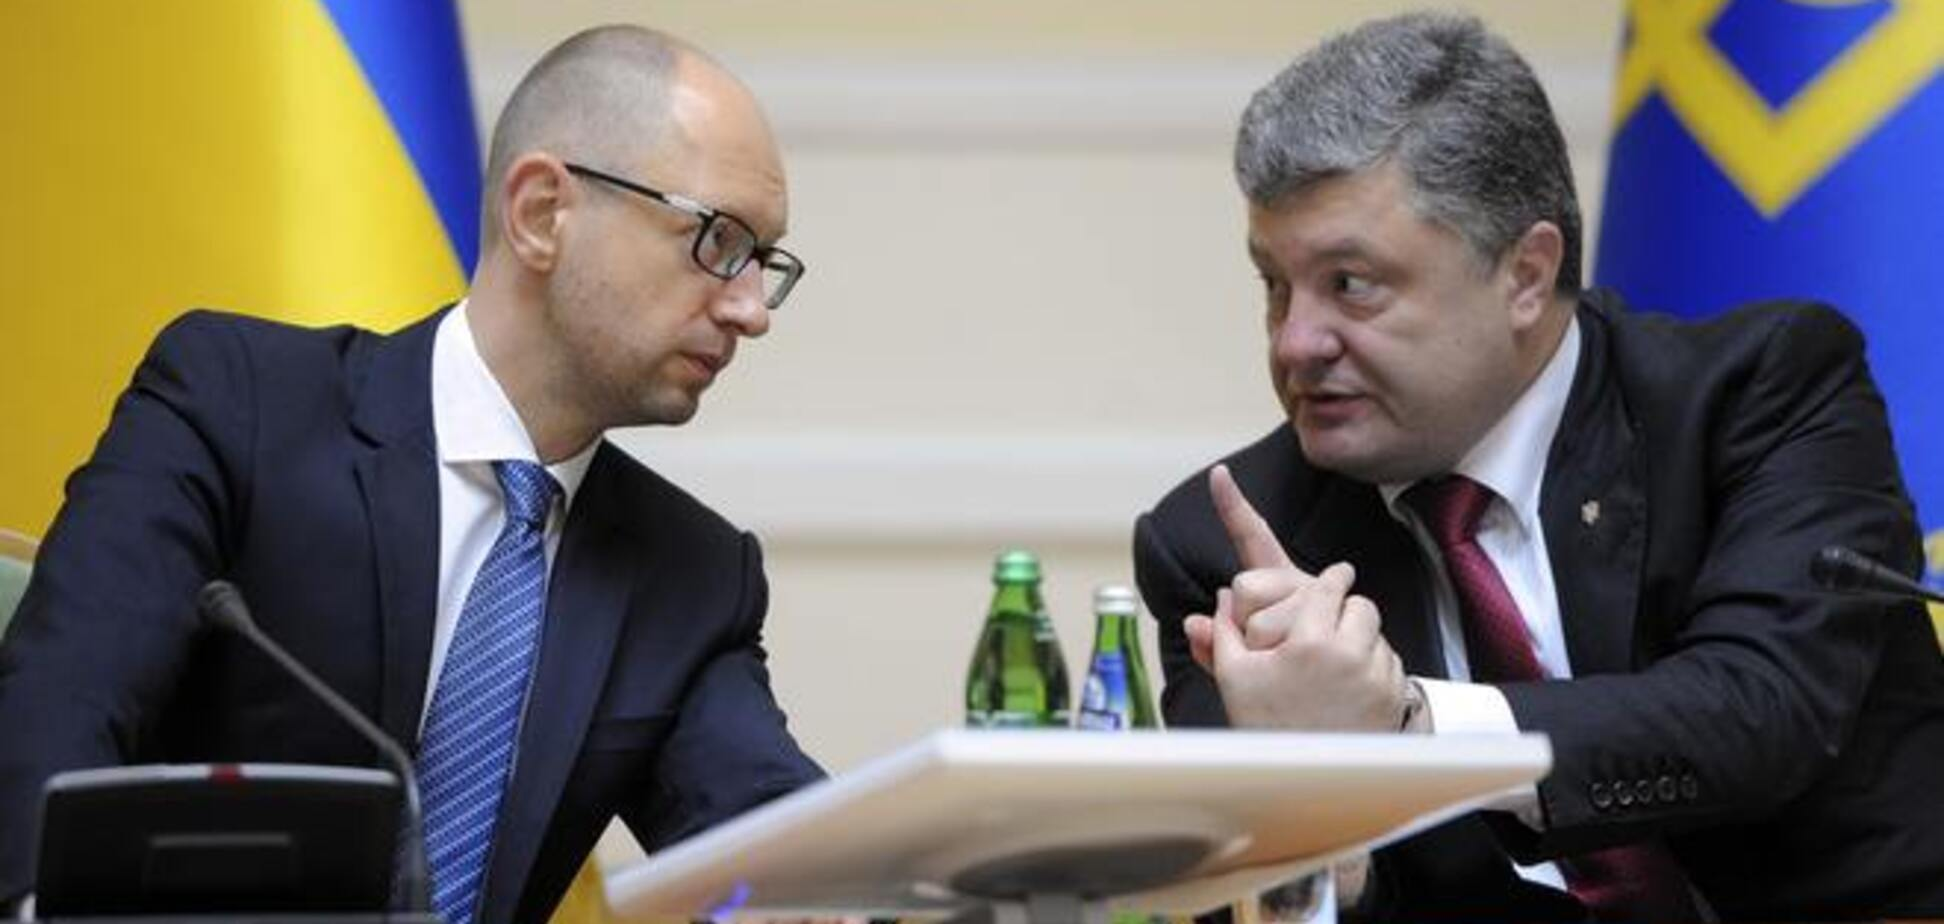 Майже половина киян хоче бачити Порошенка Президентом. Партія Яценюка втрачає рейтинг